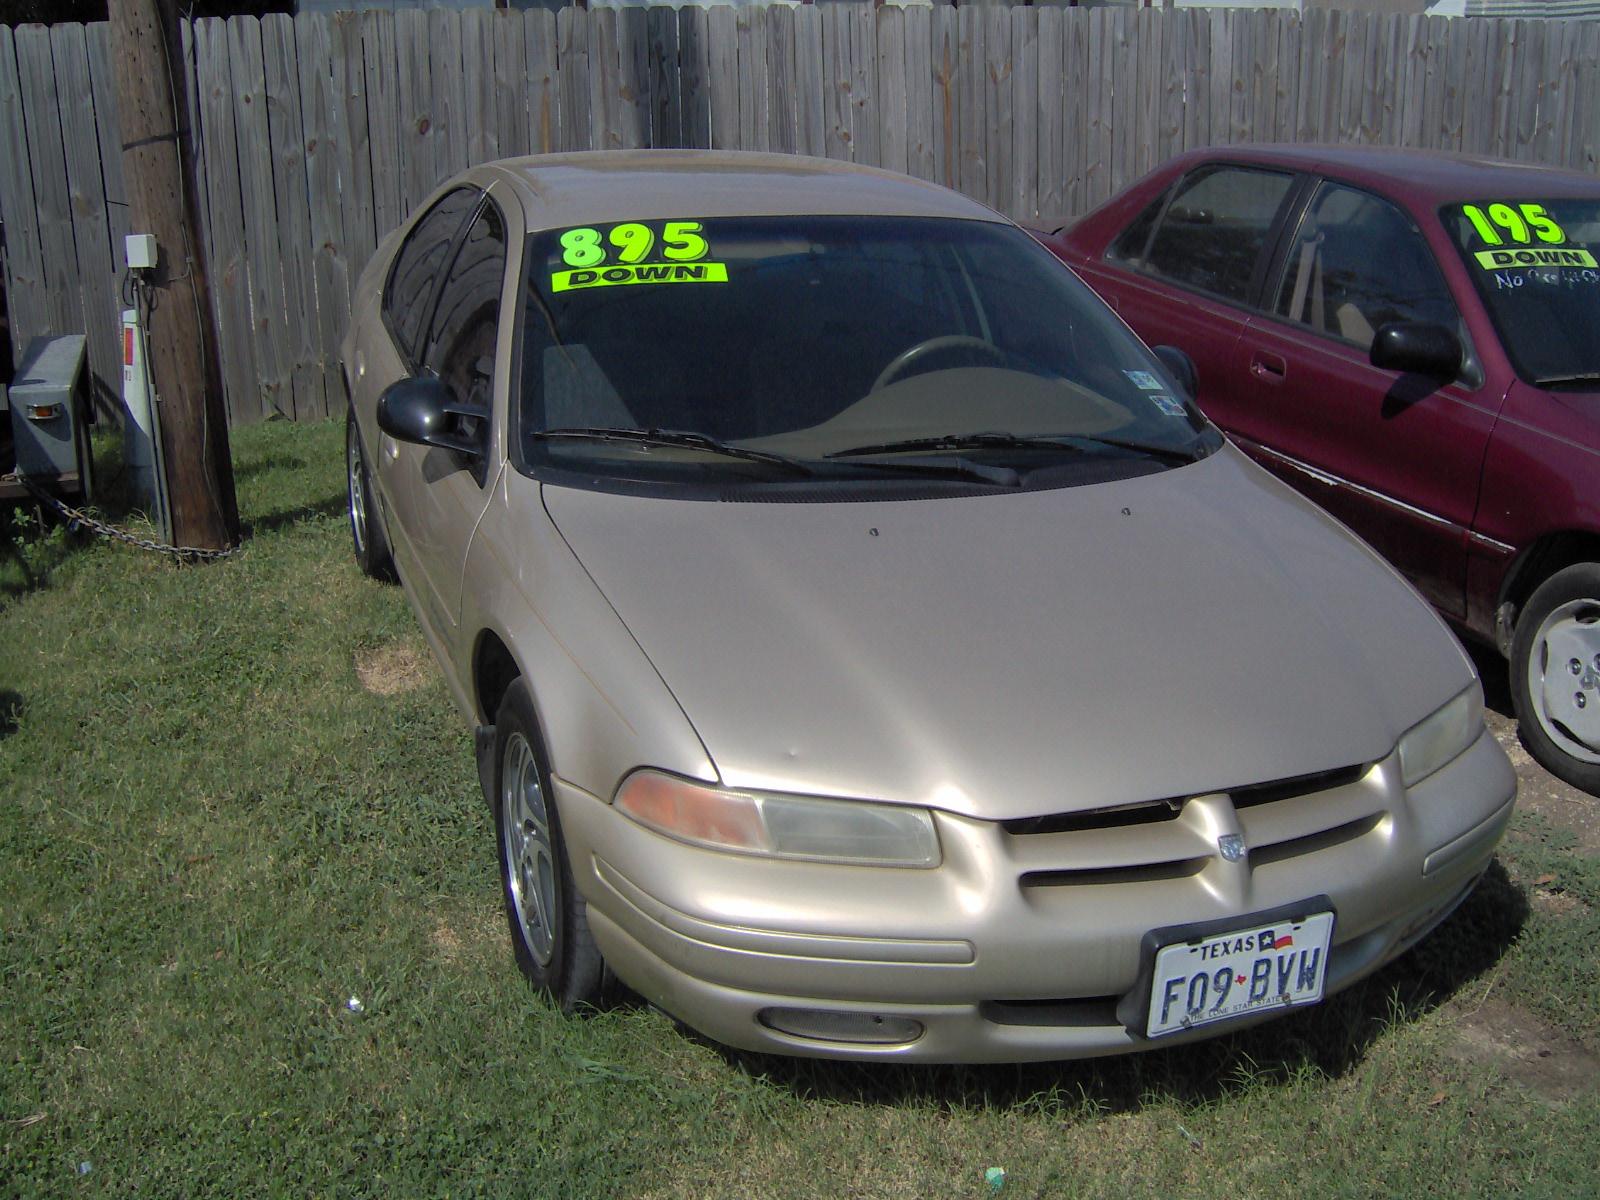 1998 Dodge Stratus #4 Dodge Stratus #4